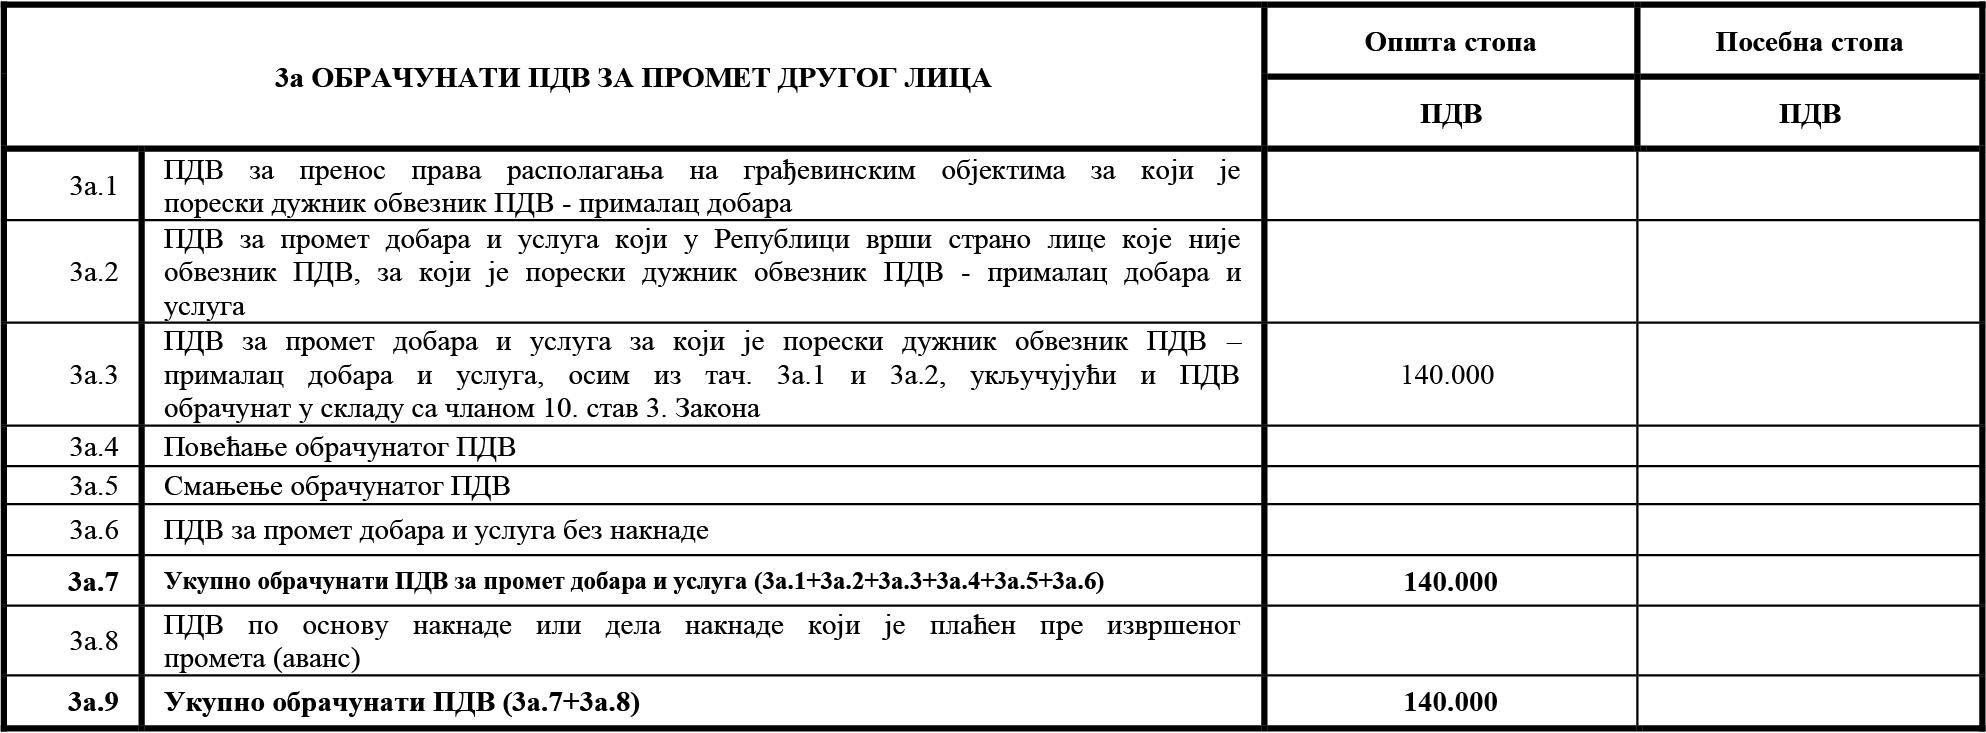 uputstvo PU obrazac POPDV primer 68